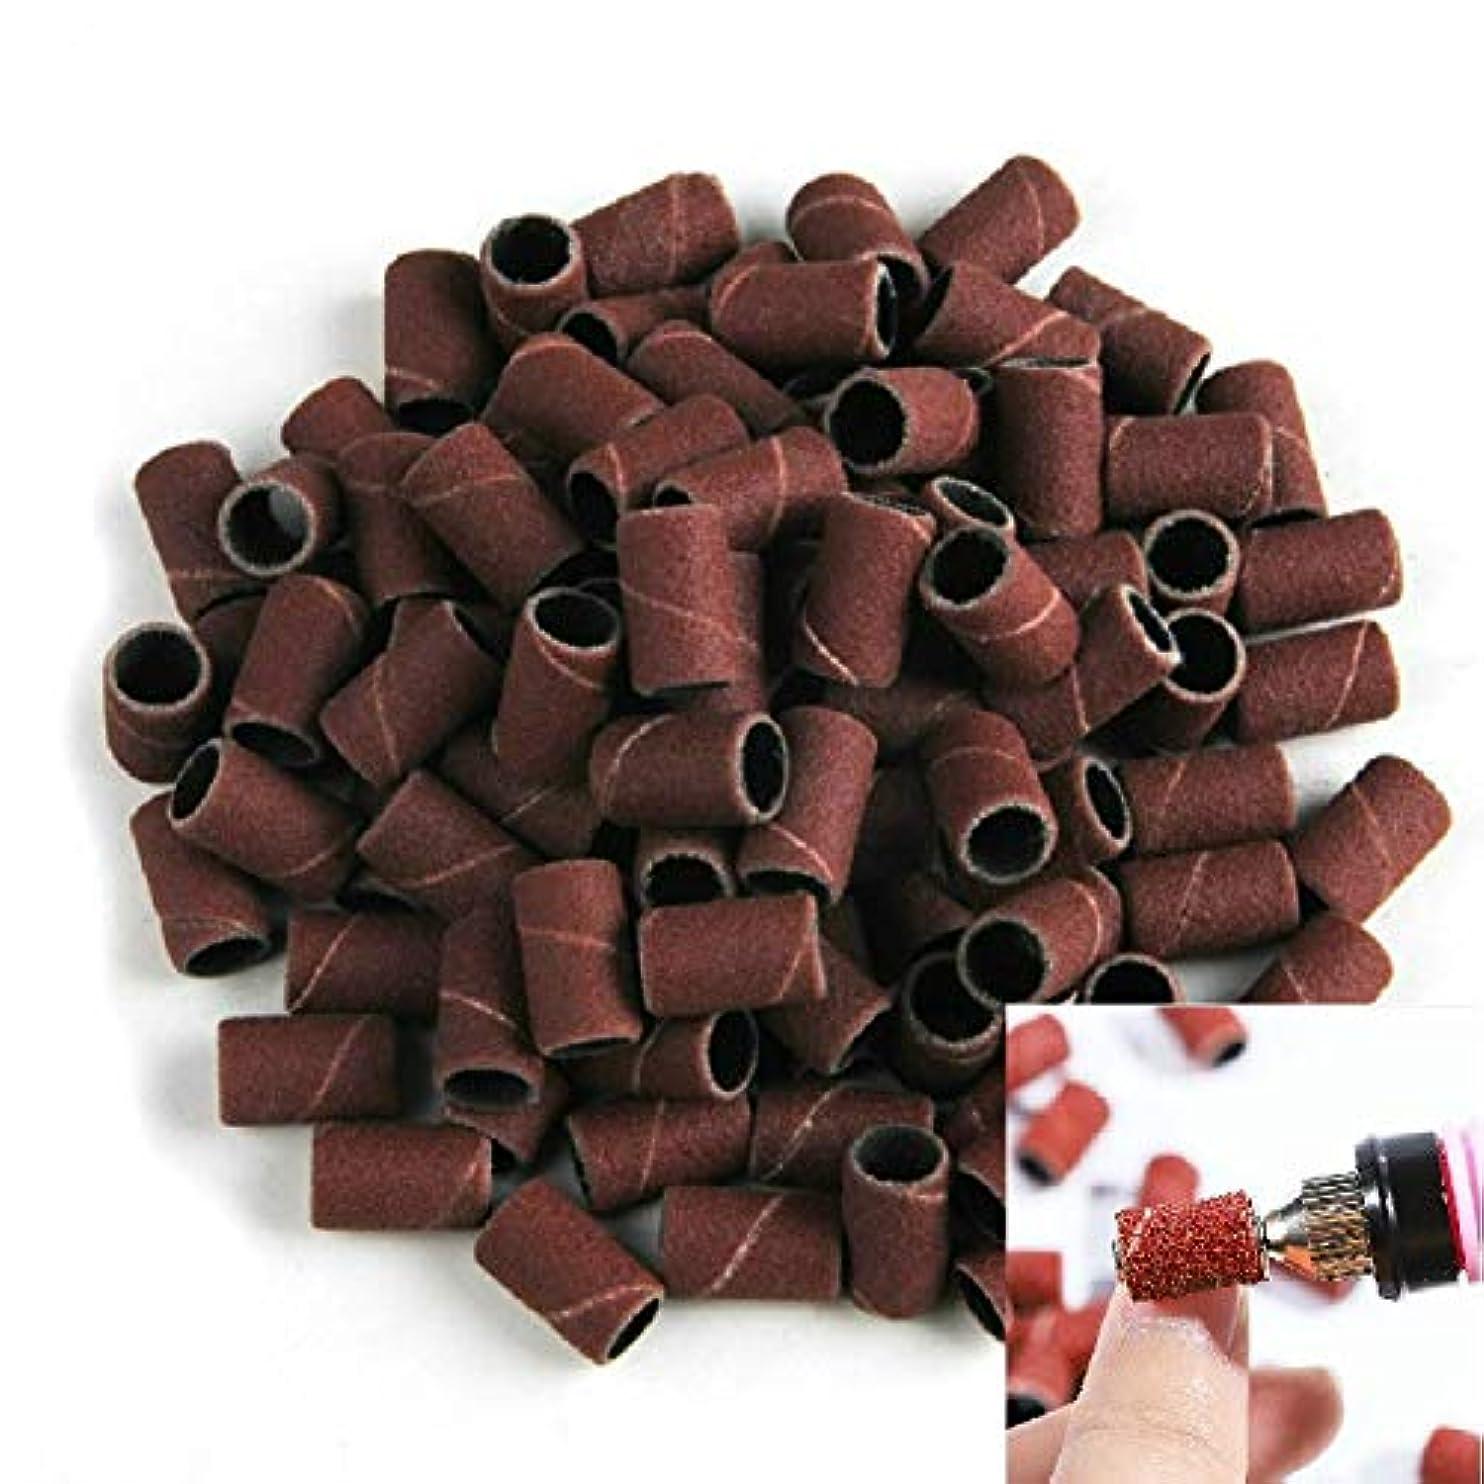 テセウスレパートリーとげのあるネイルアート用品 グレート100 PCSネイルアートの電気グラインダアクセサリーサンドペーパーリング砂布リング研削リング、サイズ:120#